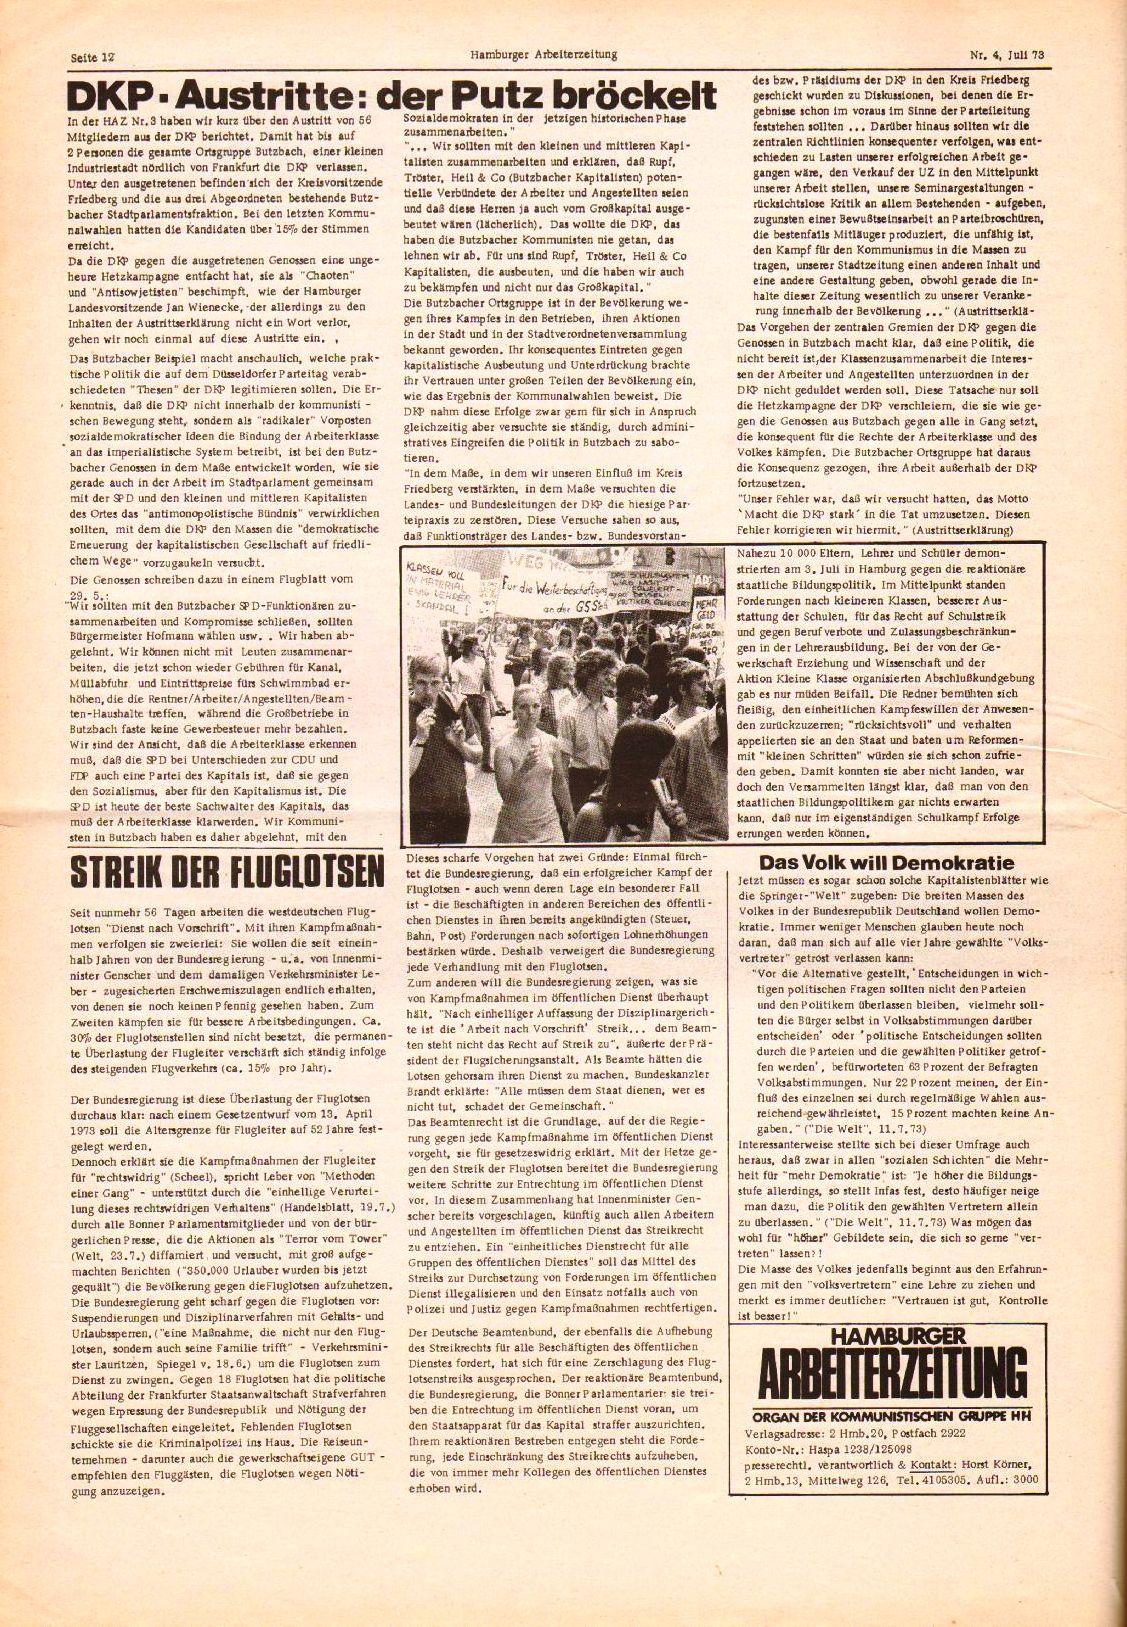 Hamburger_Arbeiterzeitung076